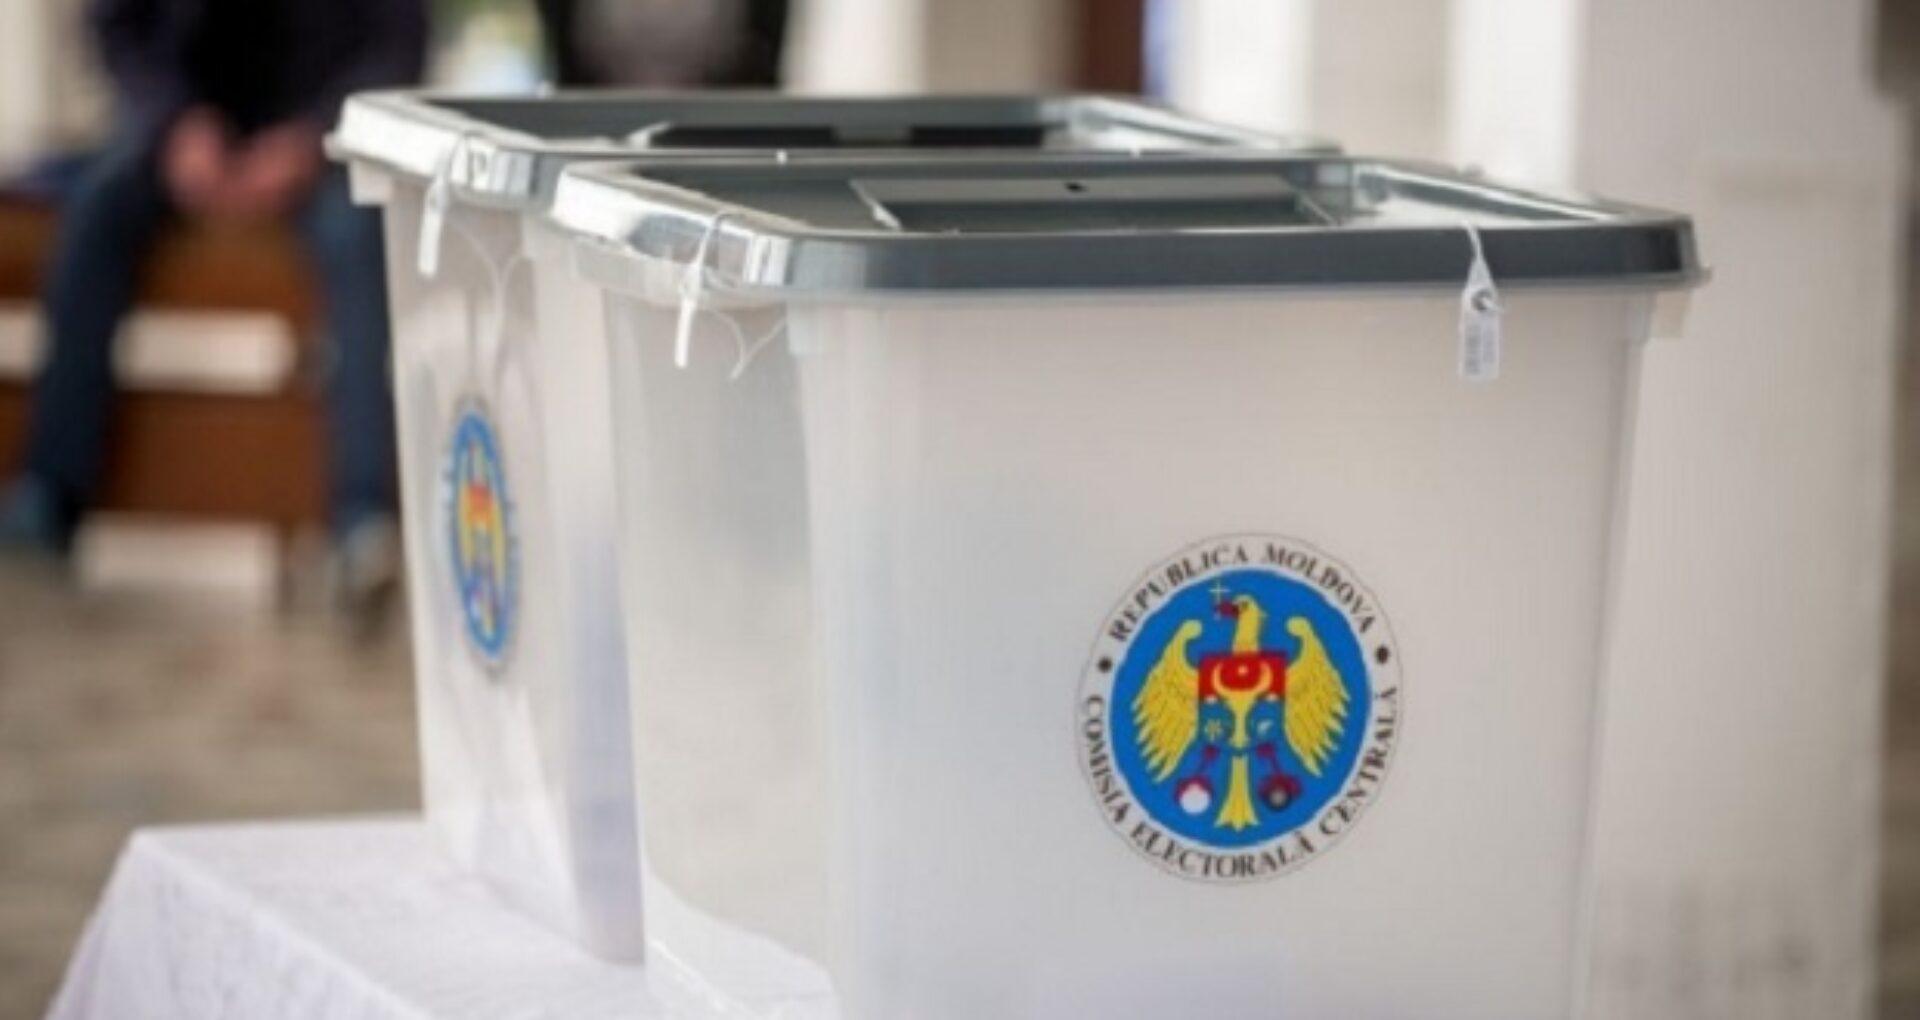 A început desemnarea candidaților la alegerile locale noi din 1 noiembrie